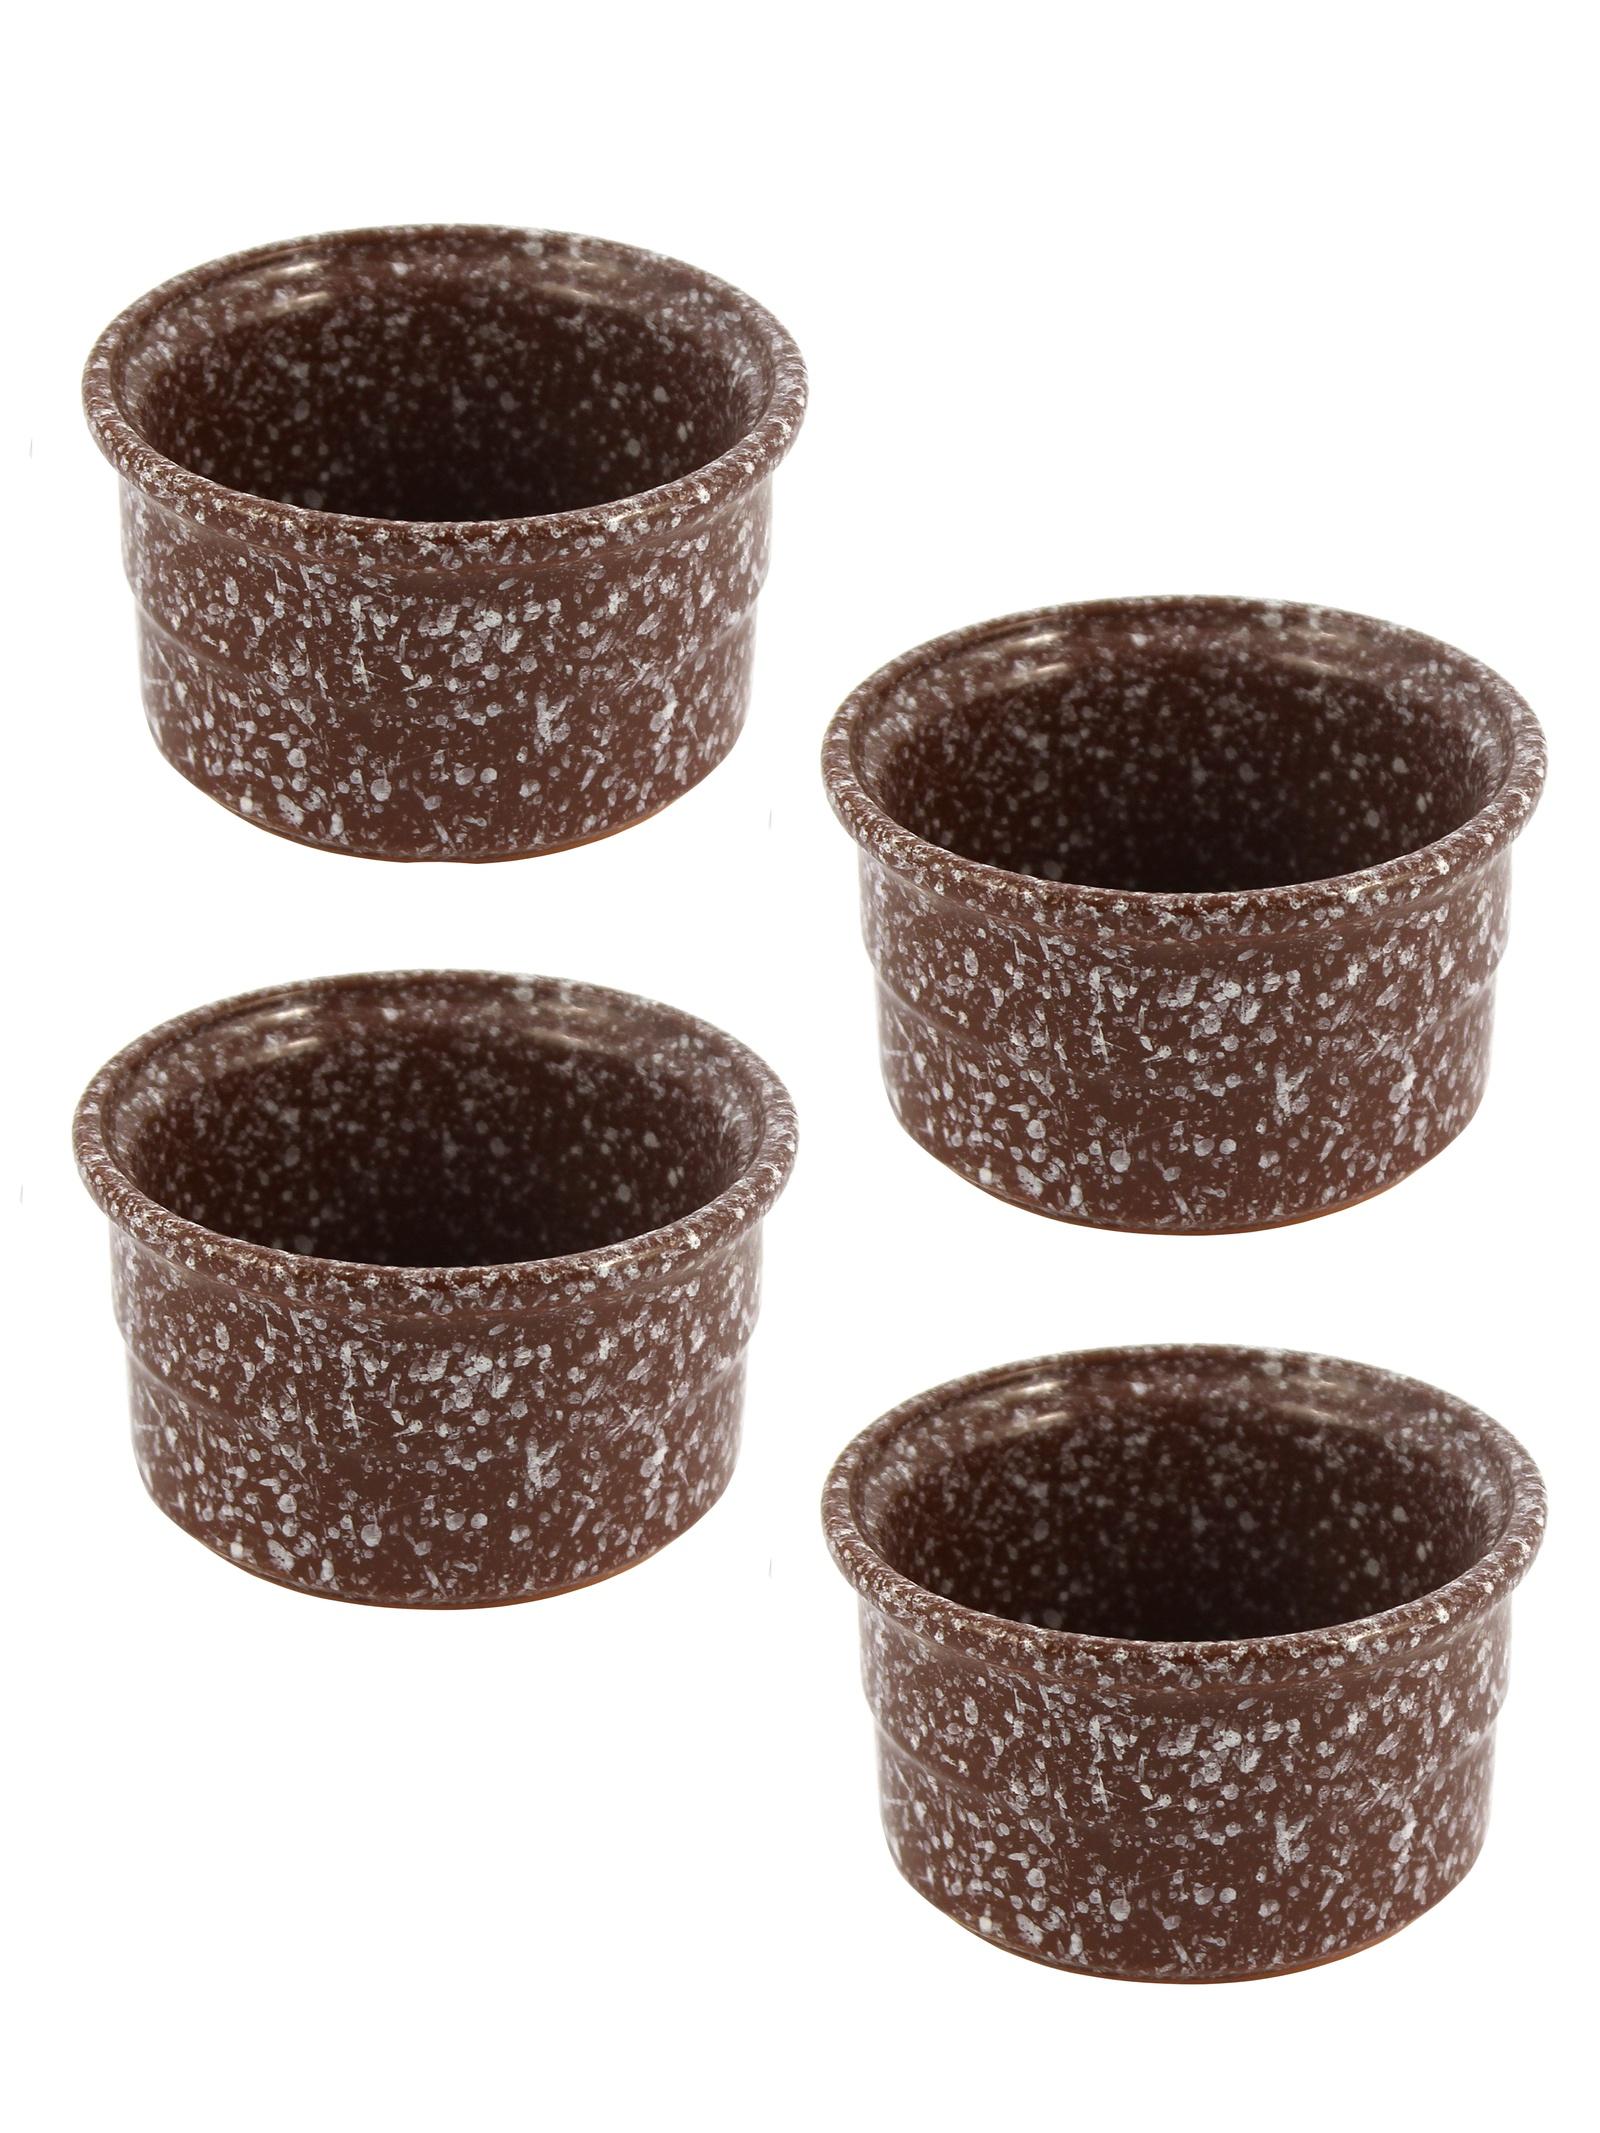 Набор форм для выпечки 4 шт для маффинов и кексов (порционная) (мрамор коричневый)